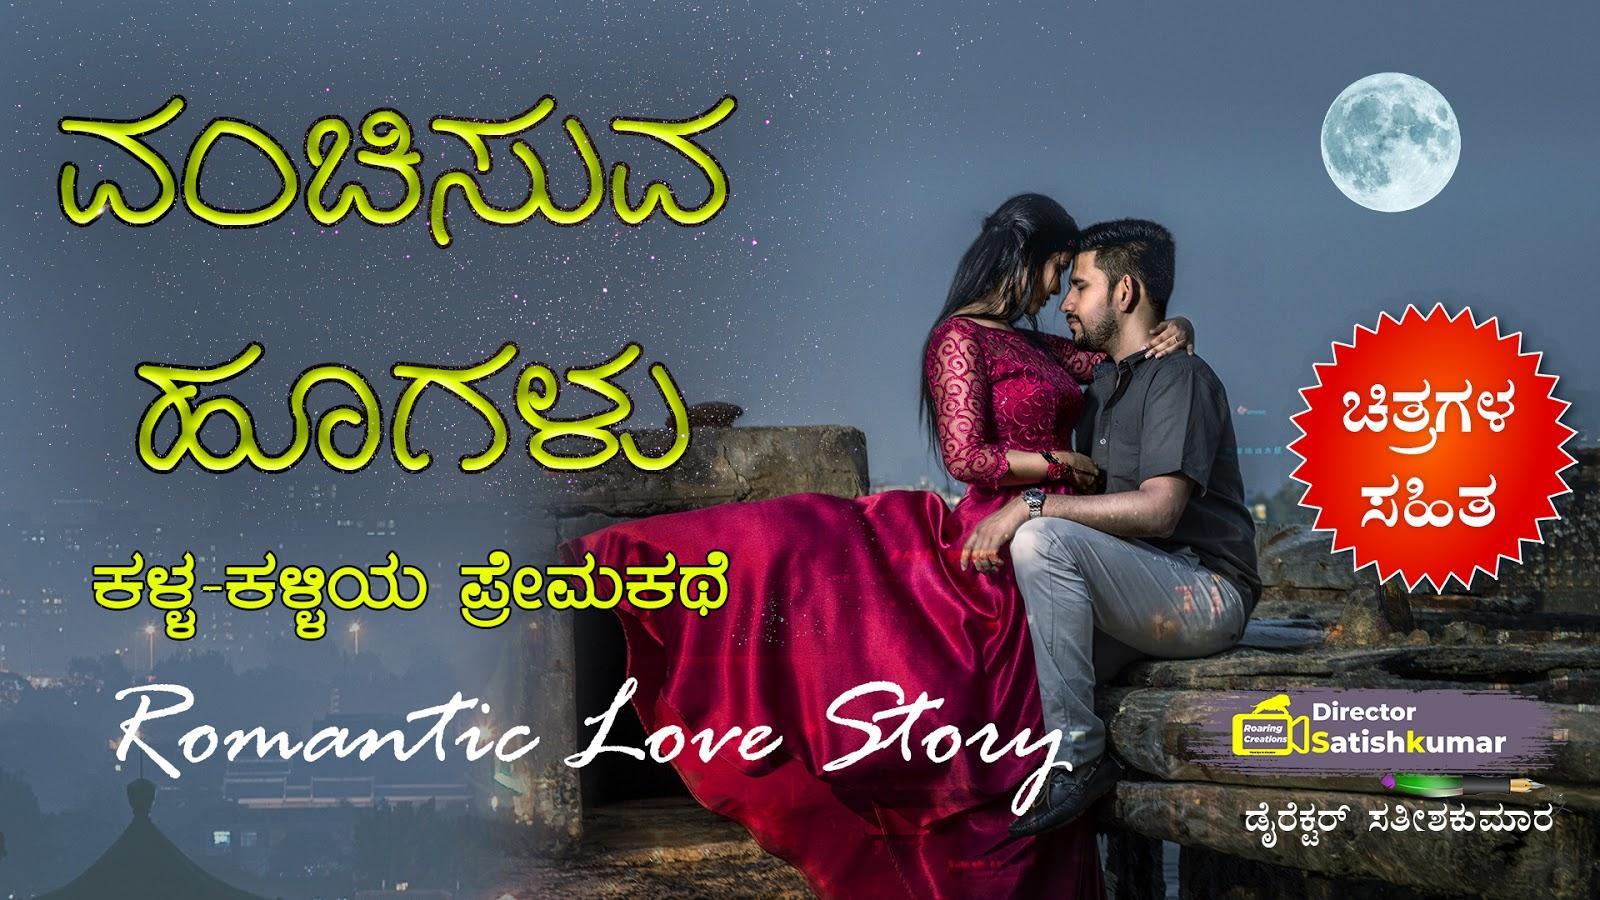 ವಂಚಿಸುವ ಹೂಗಳು : ಕಳ್ಳ-ಕಳ್ಳಿಯ ಪ್ರೇಮಕಥೆ - Kannada Romantic Love Story